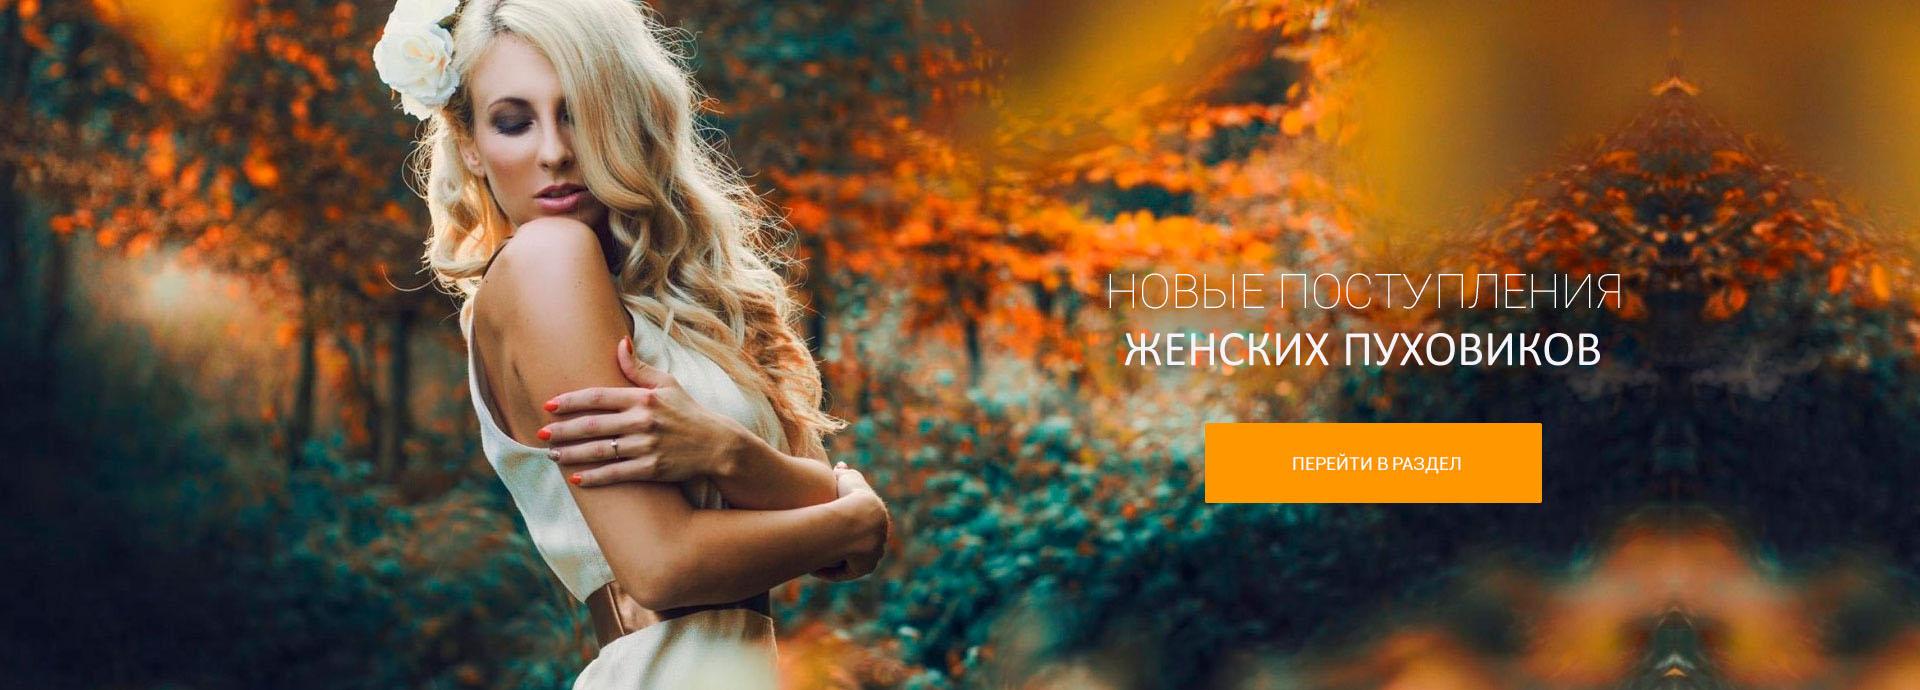 Интернет магазин пуховиков женских